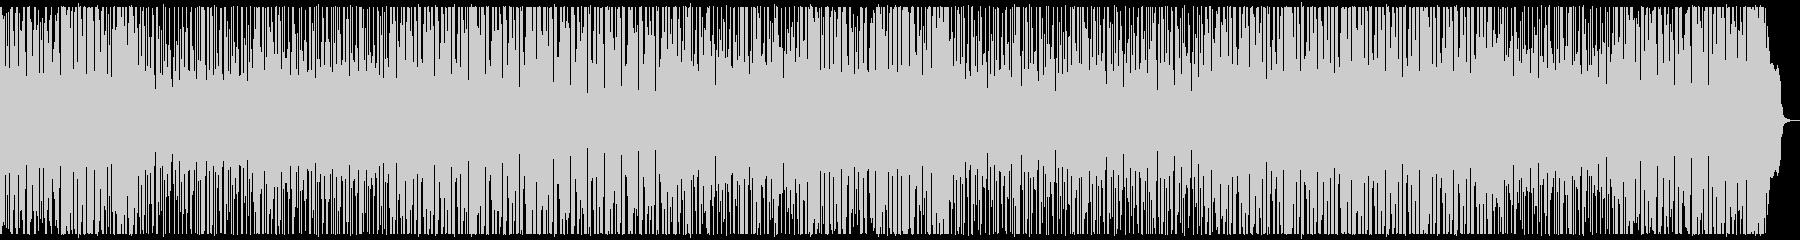 爽やかな口笛のギターポップ。の未再生の波形